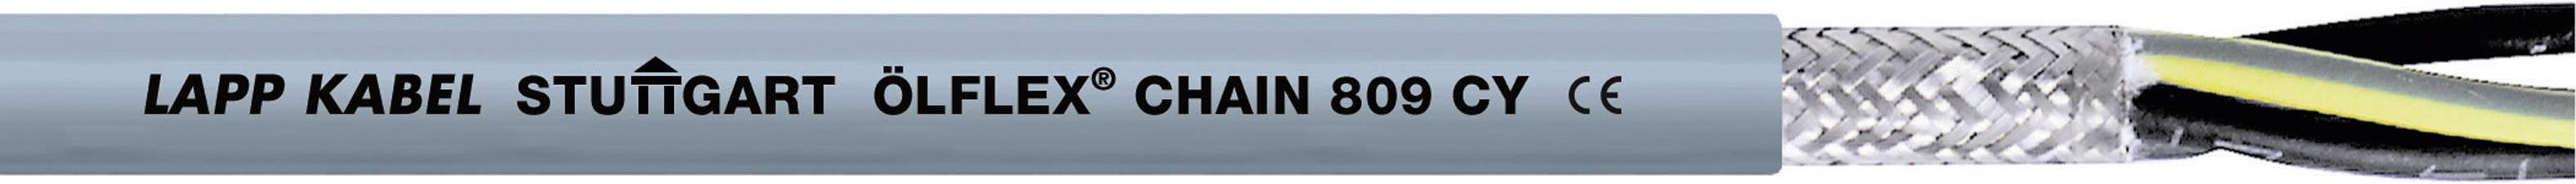 Žíla kabelu LappKabel ÖLFLEX CHAIN 809 CY 4G0,5 (1026753), 4x 0,5 mm², PVC, Ø 6,6 mm, stíněný, 50 m, šedá